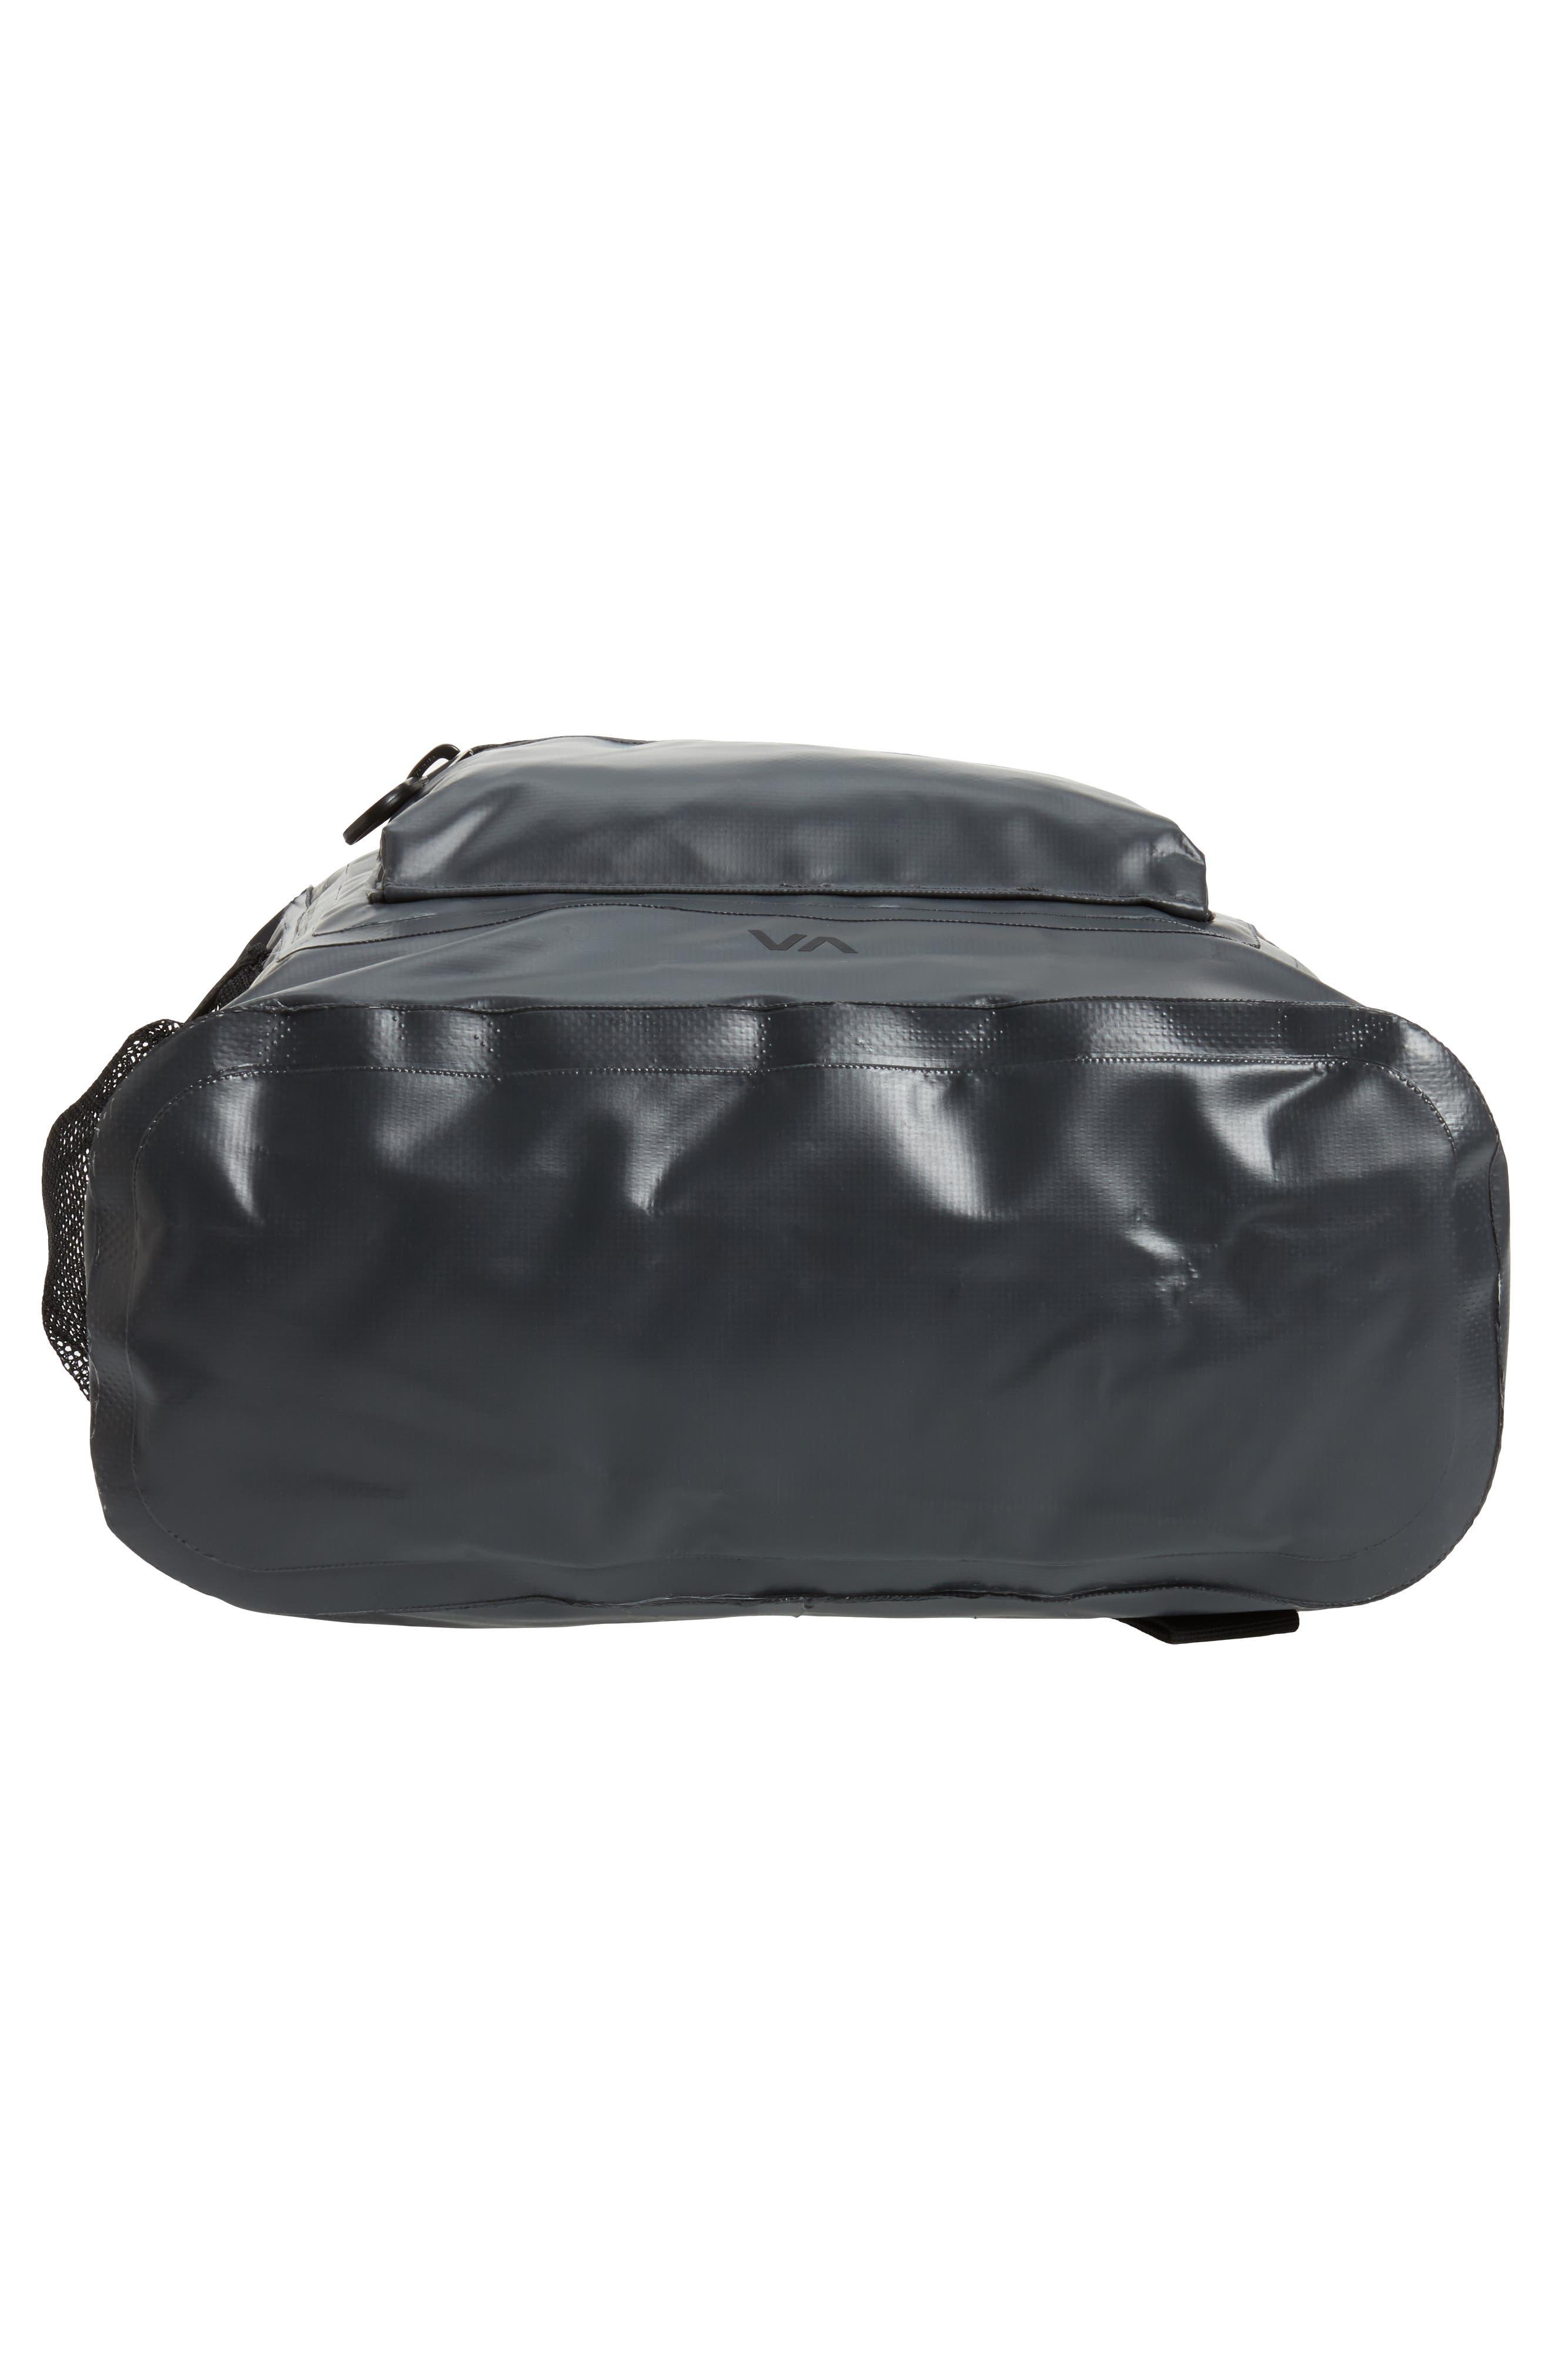 Go Be II Waterproof Backpack,                             Alternate thumbnail 6, color,                             020